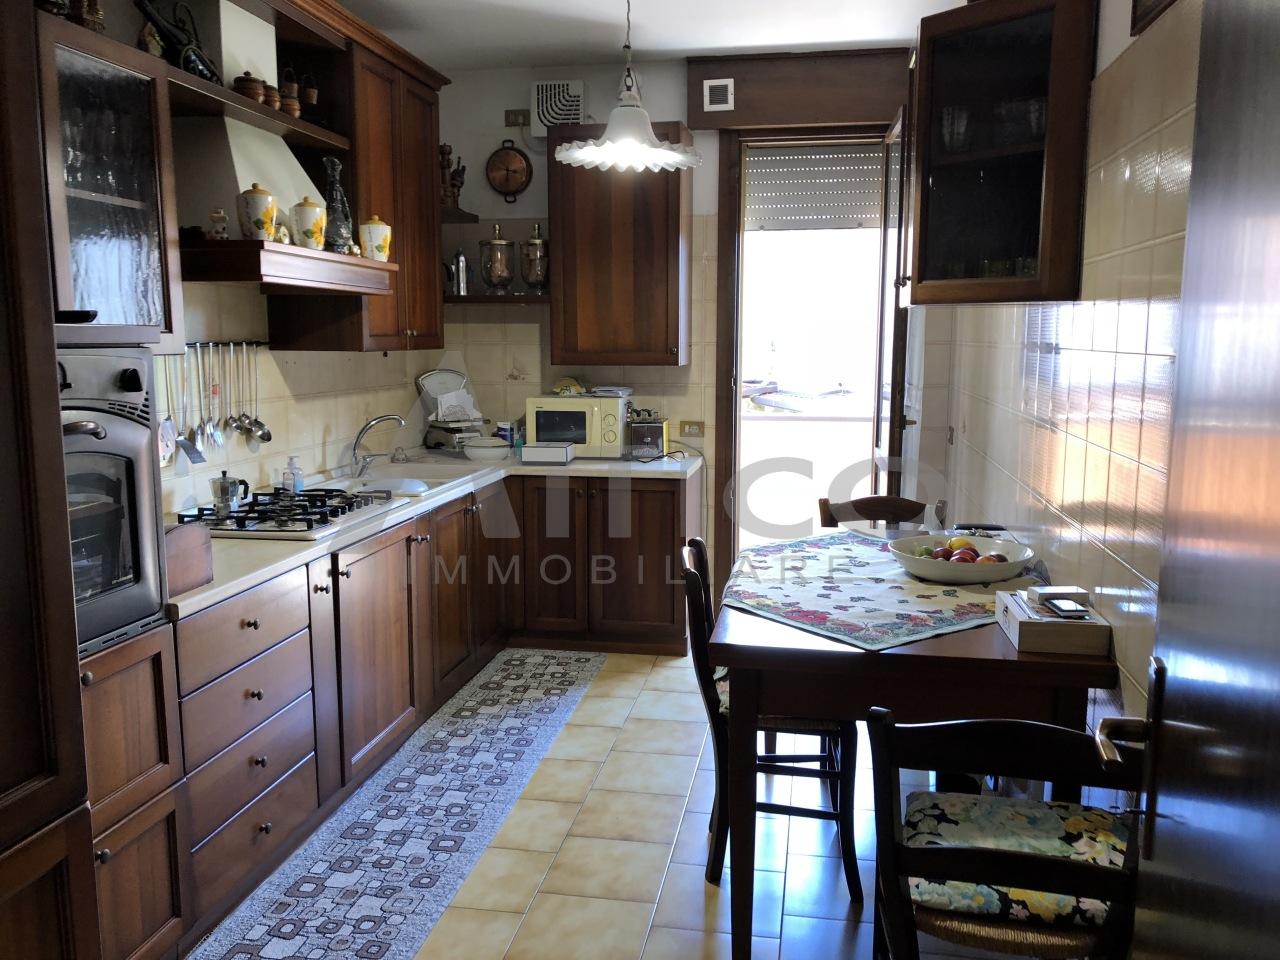 Appartamento in vendita a Rovigo, 6 locali, prezzo € 110.000 | CambioCasa.it